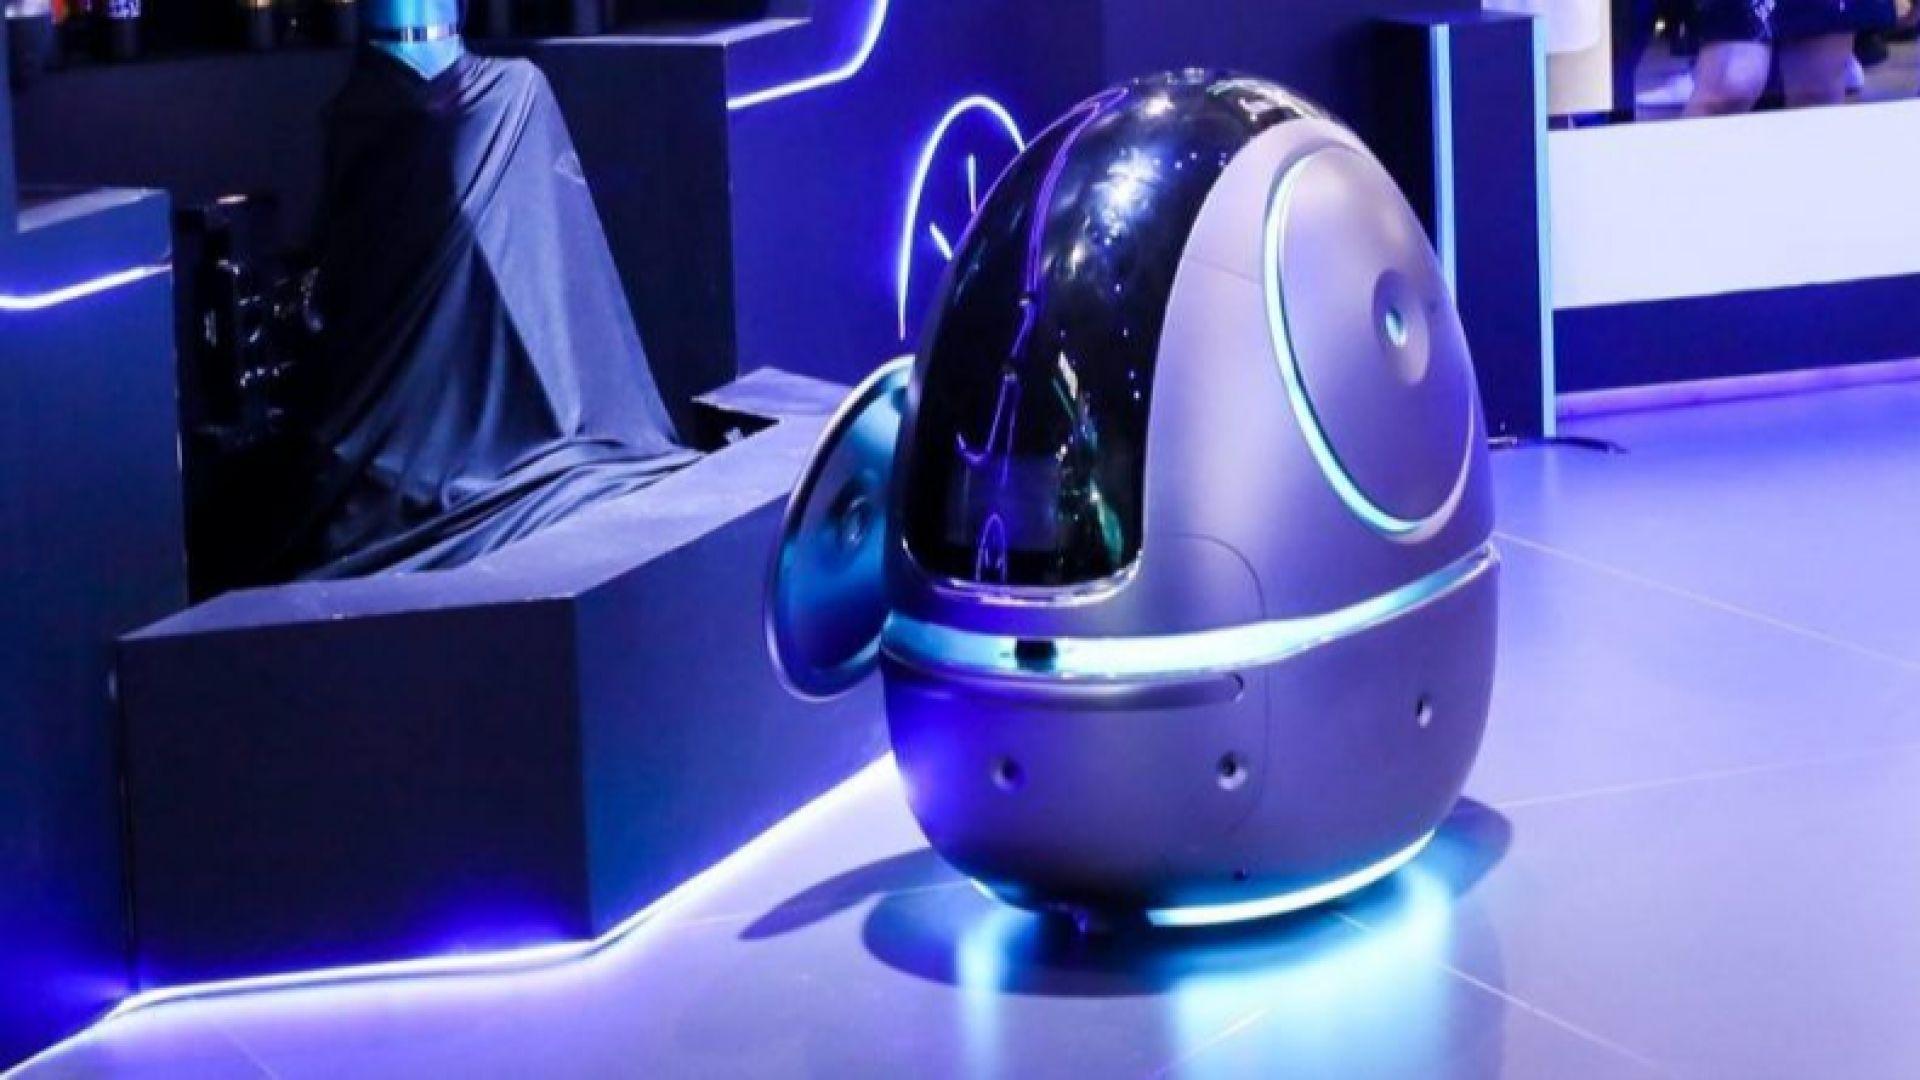 """Роботи обслужват клиентите в хотел на онлайн гиганта """"Алибаба"""""""